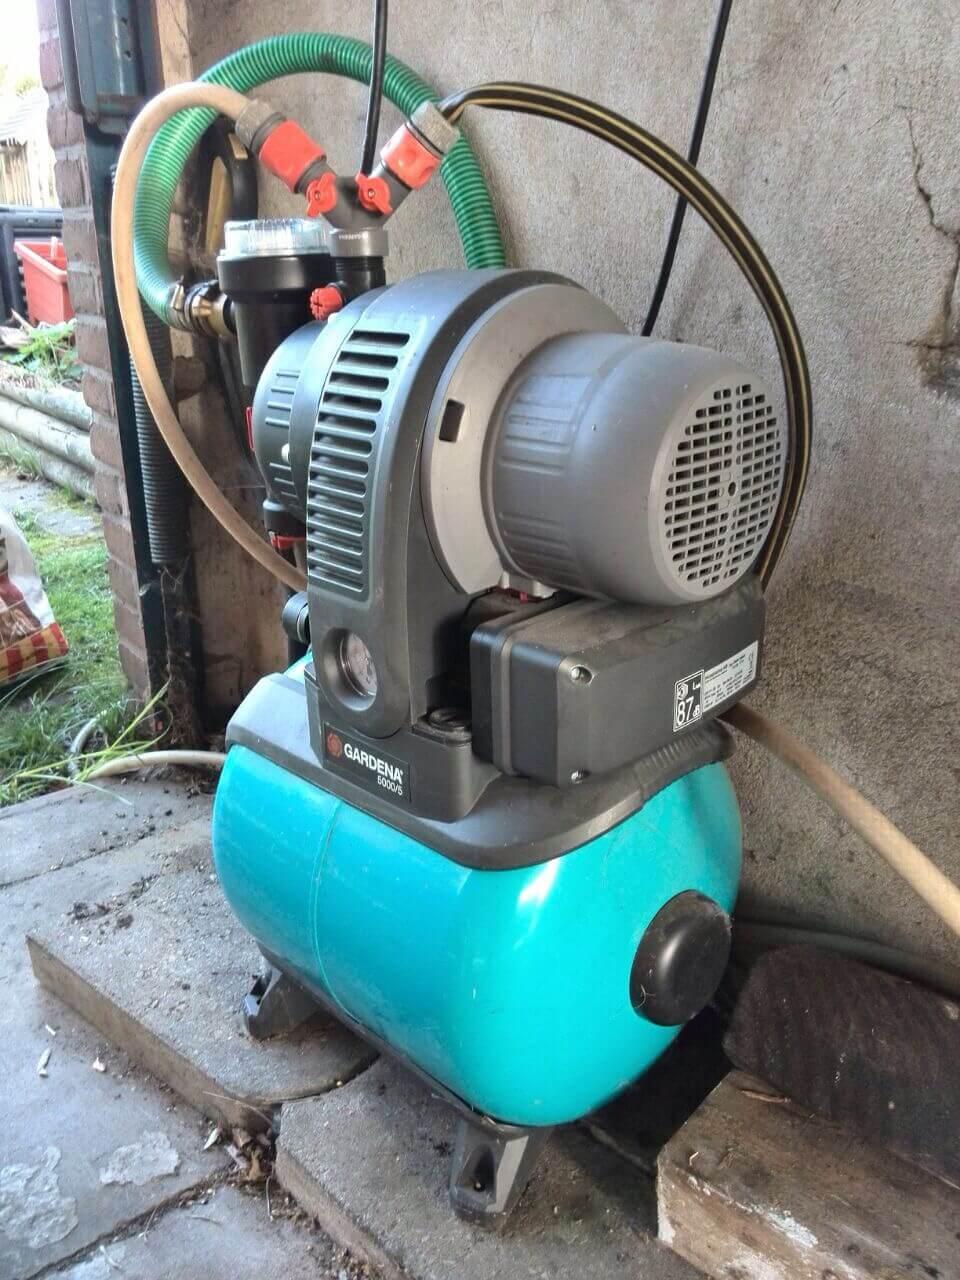 Berühmt ᐅᐅ】 Gardena Hauswasserwerk 3000/4 eco ᐅ Hauswasserwerk Test @QI_71